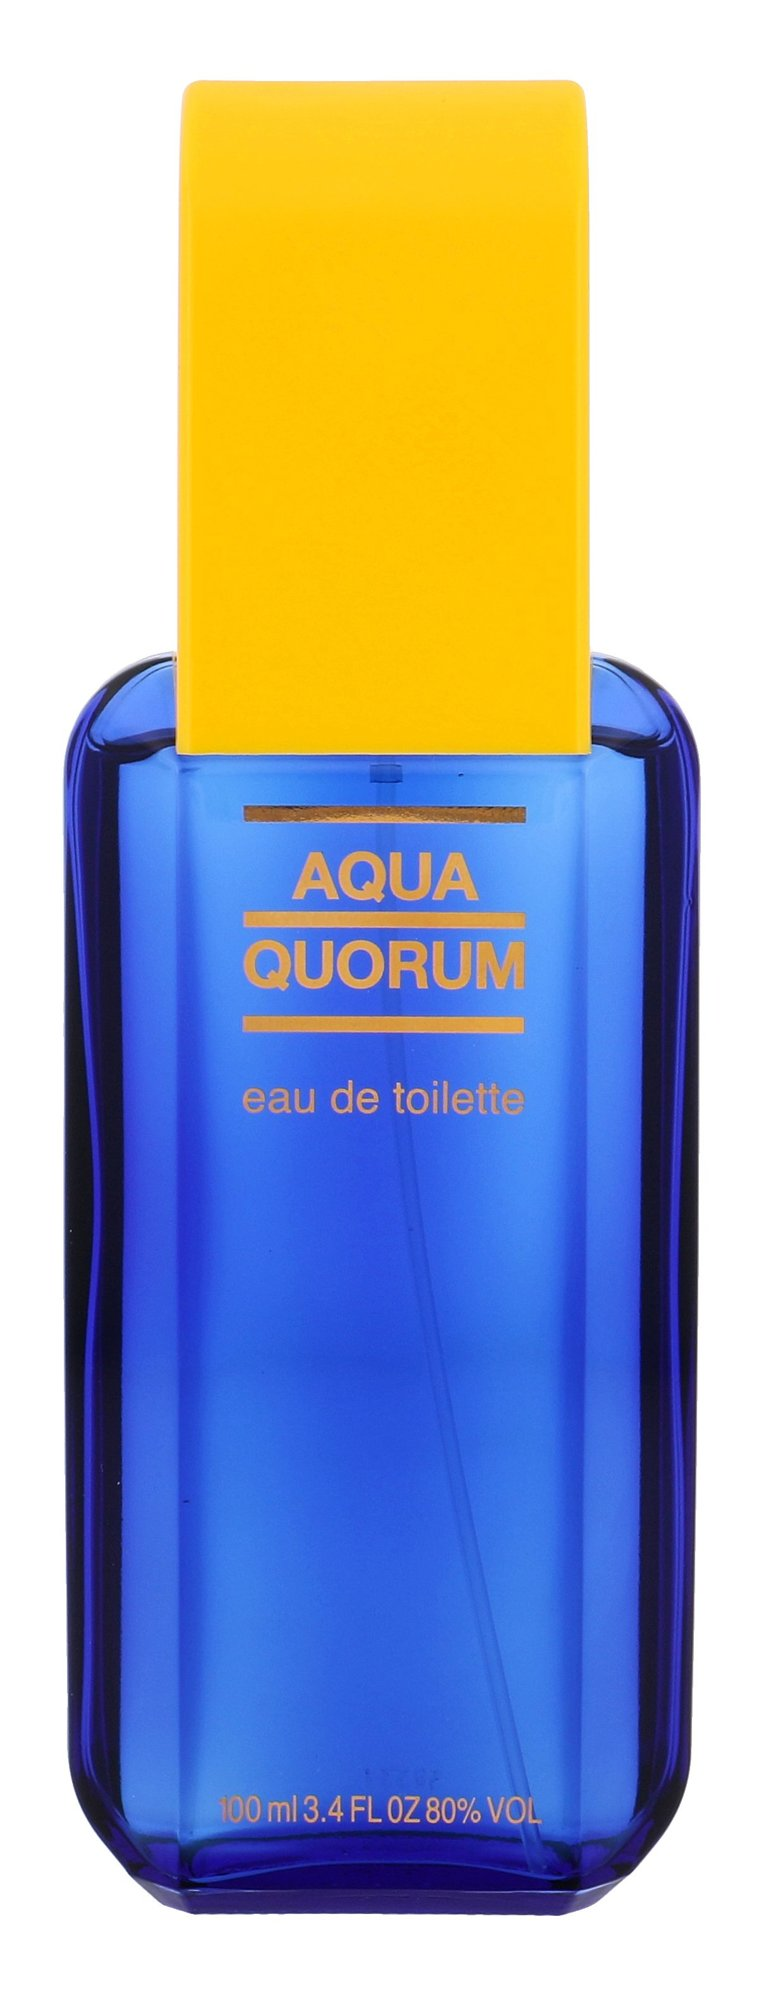 Antonio Puig Agua Quorum EDT 100ml